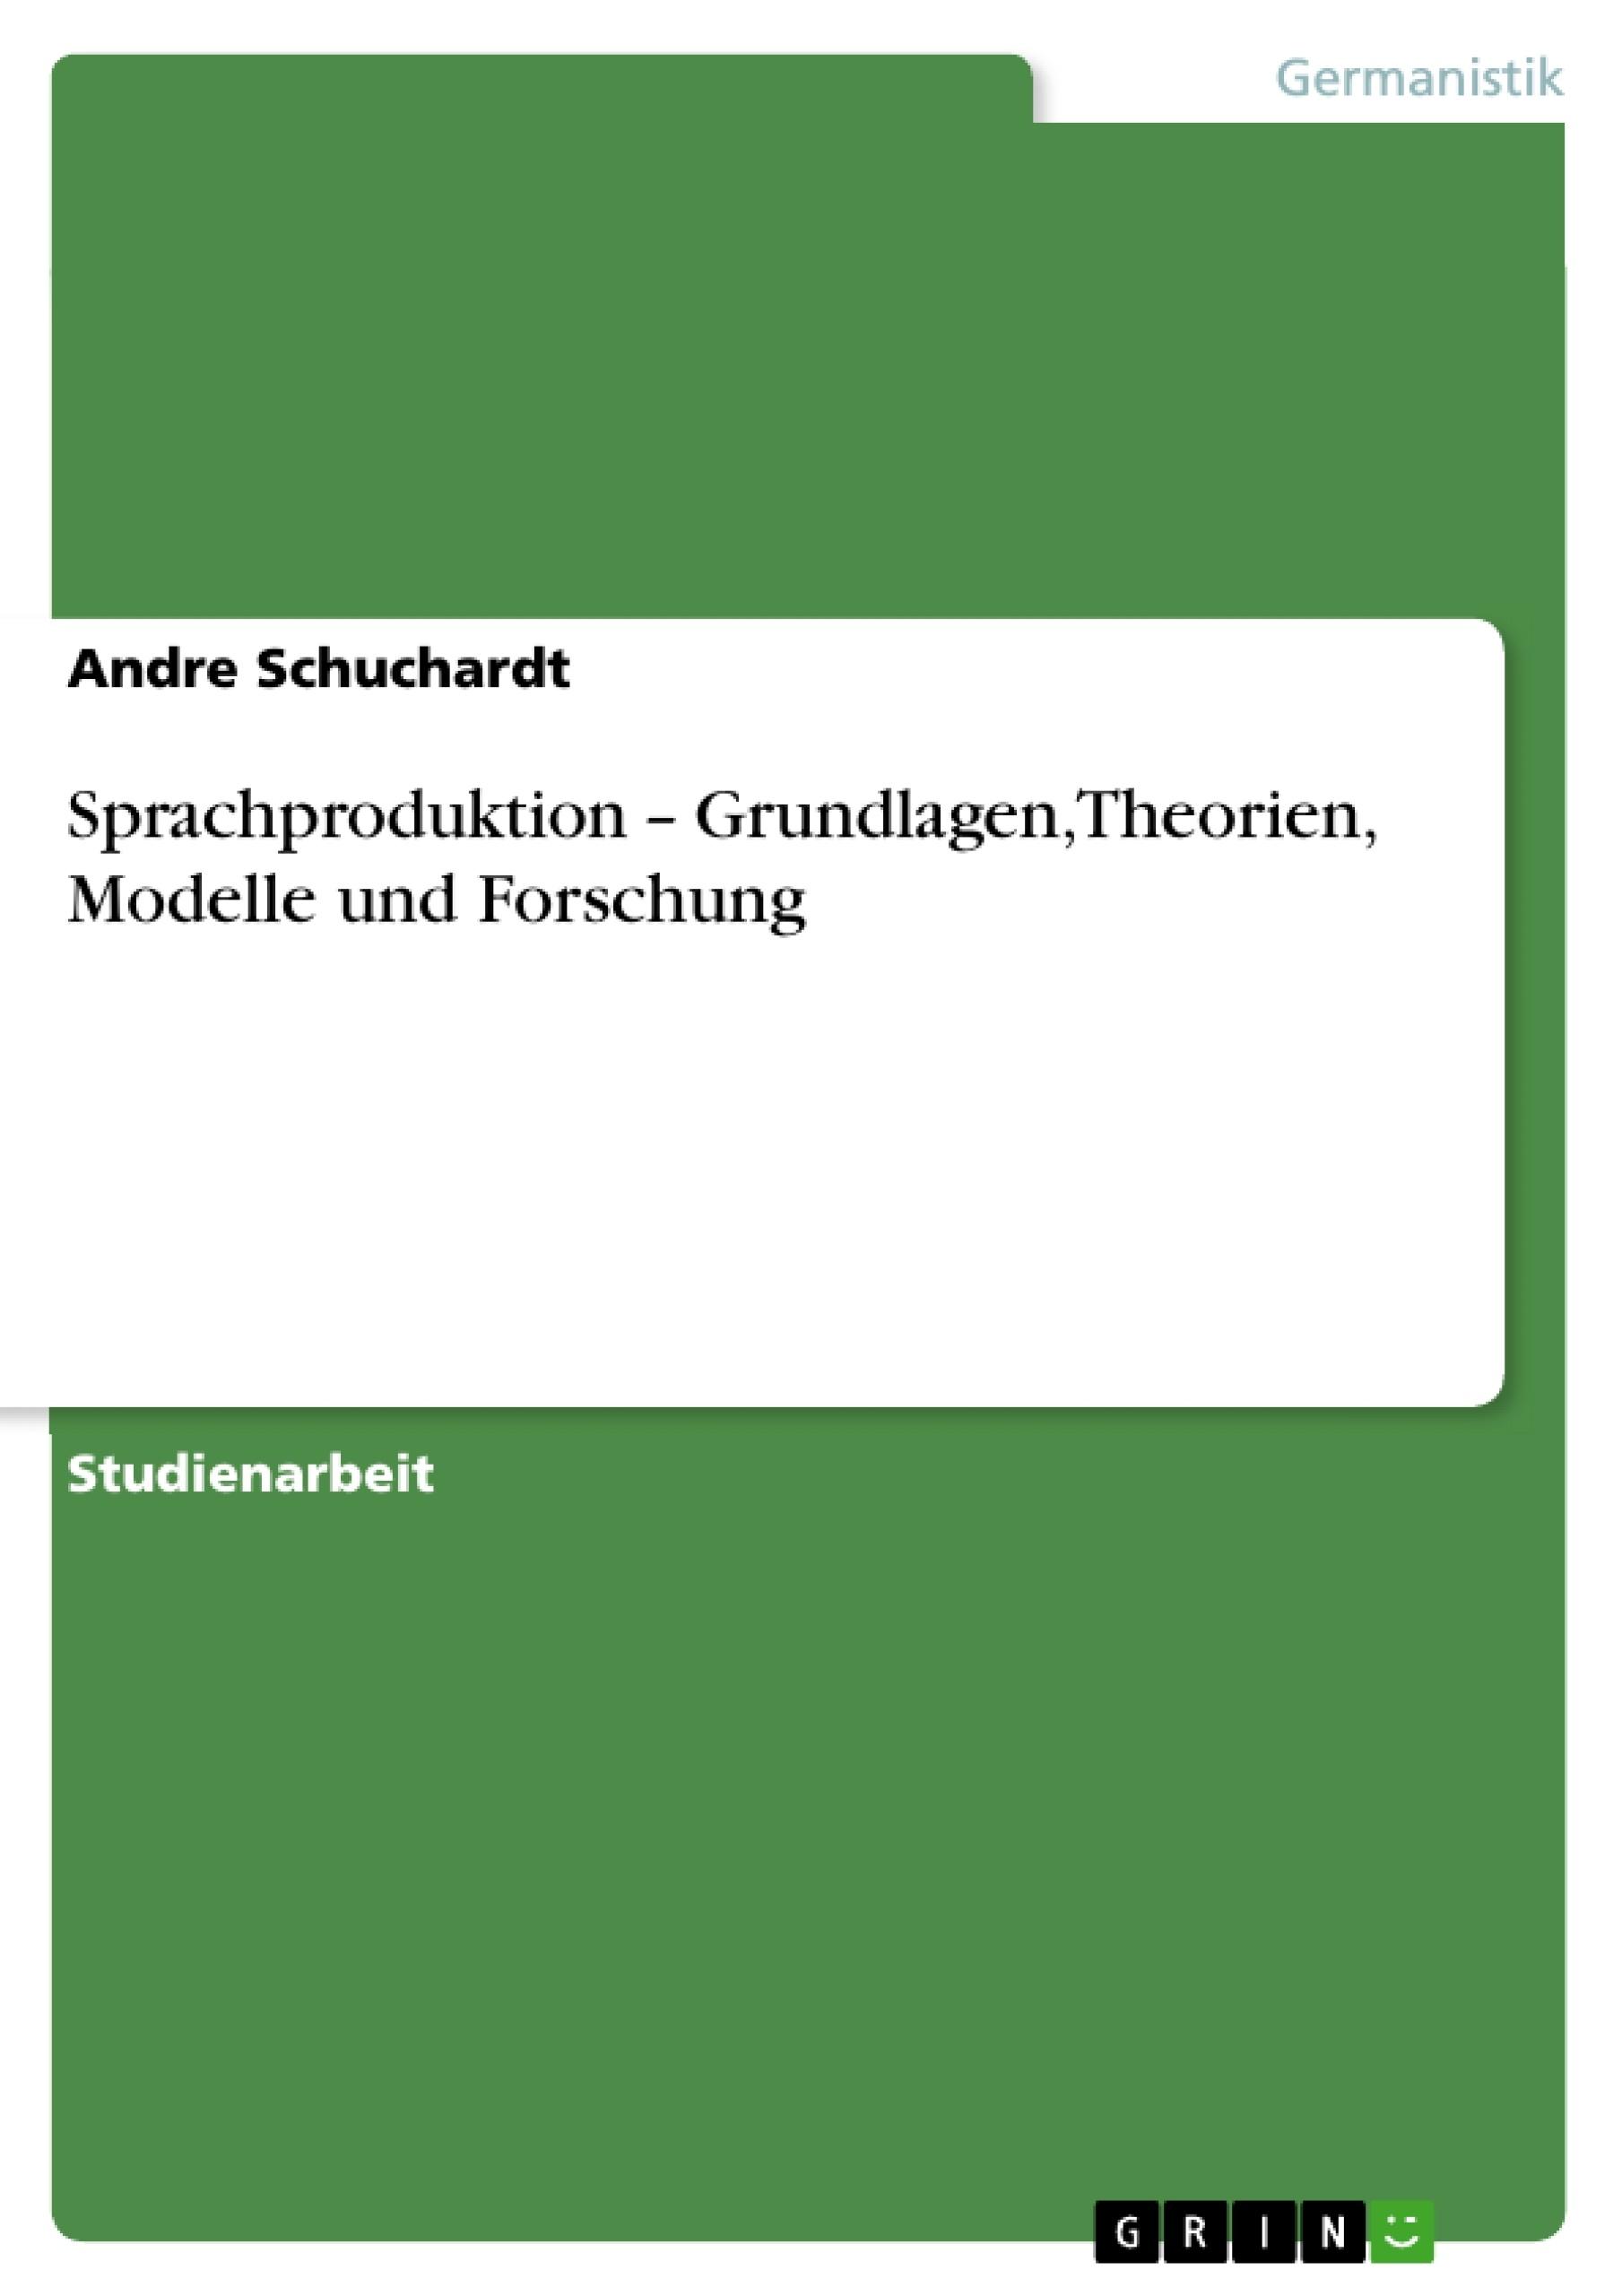 Titel: Sprachproduktion – Grundlagen, Theorien, Modelle und Forschung